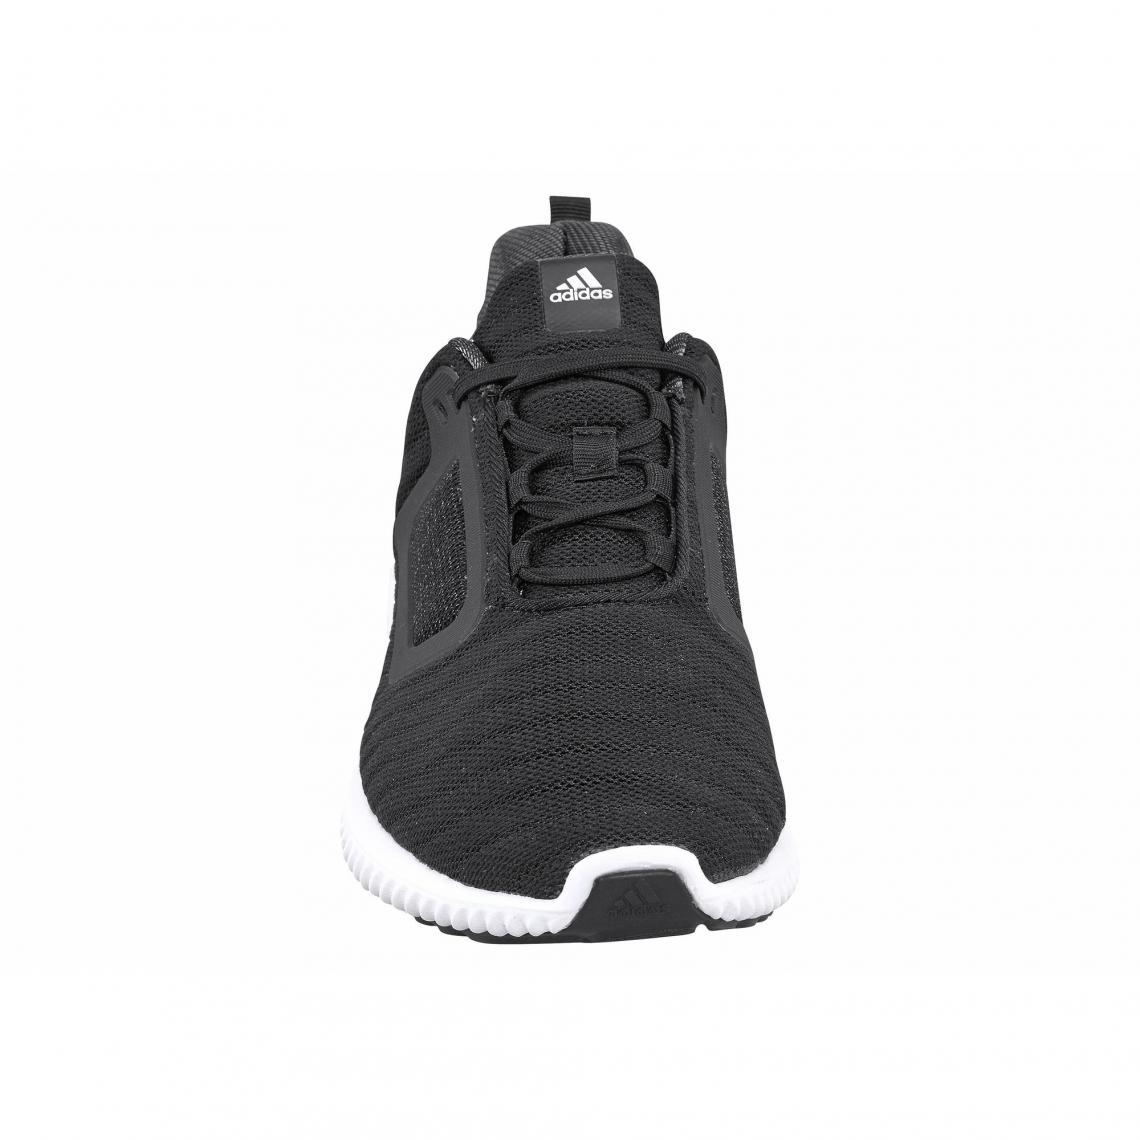 3suisses chaussures adidas avis